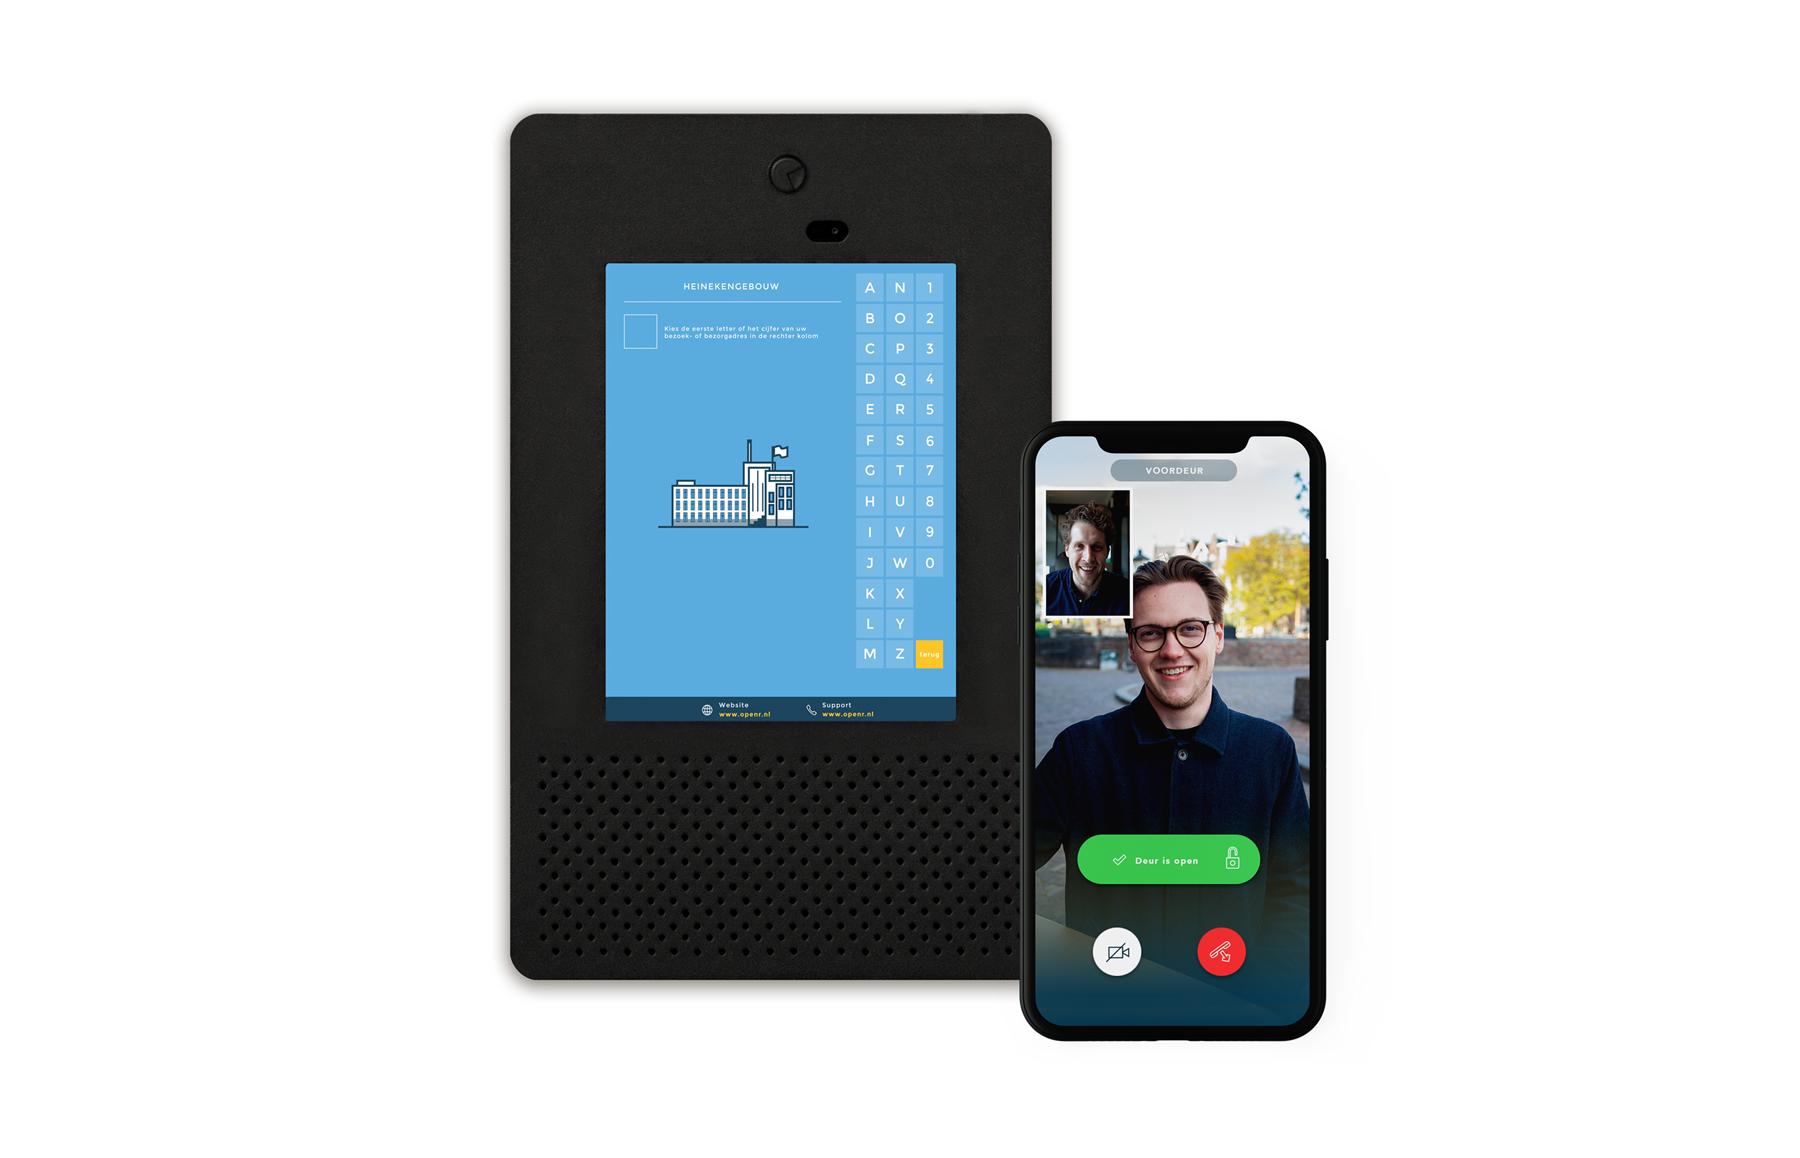 Openr-intercom-open-deuren-video-app-telefoon.png